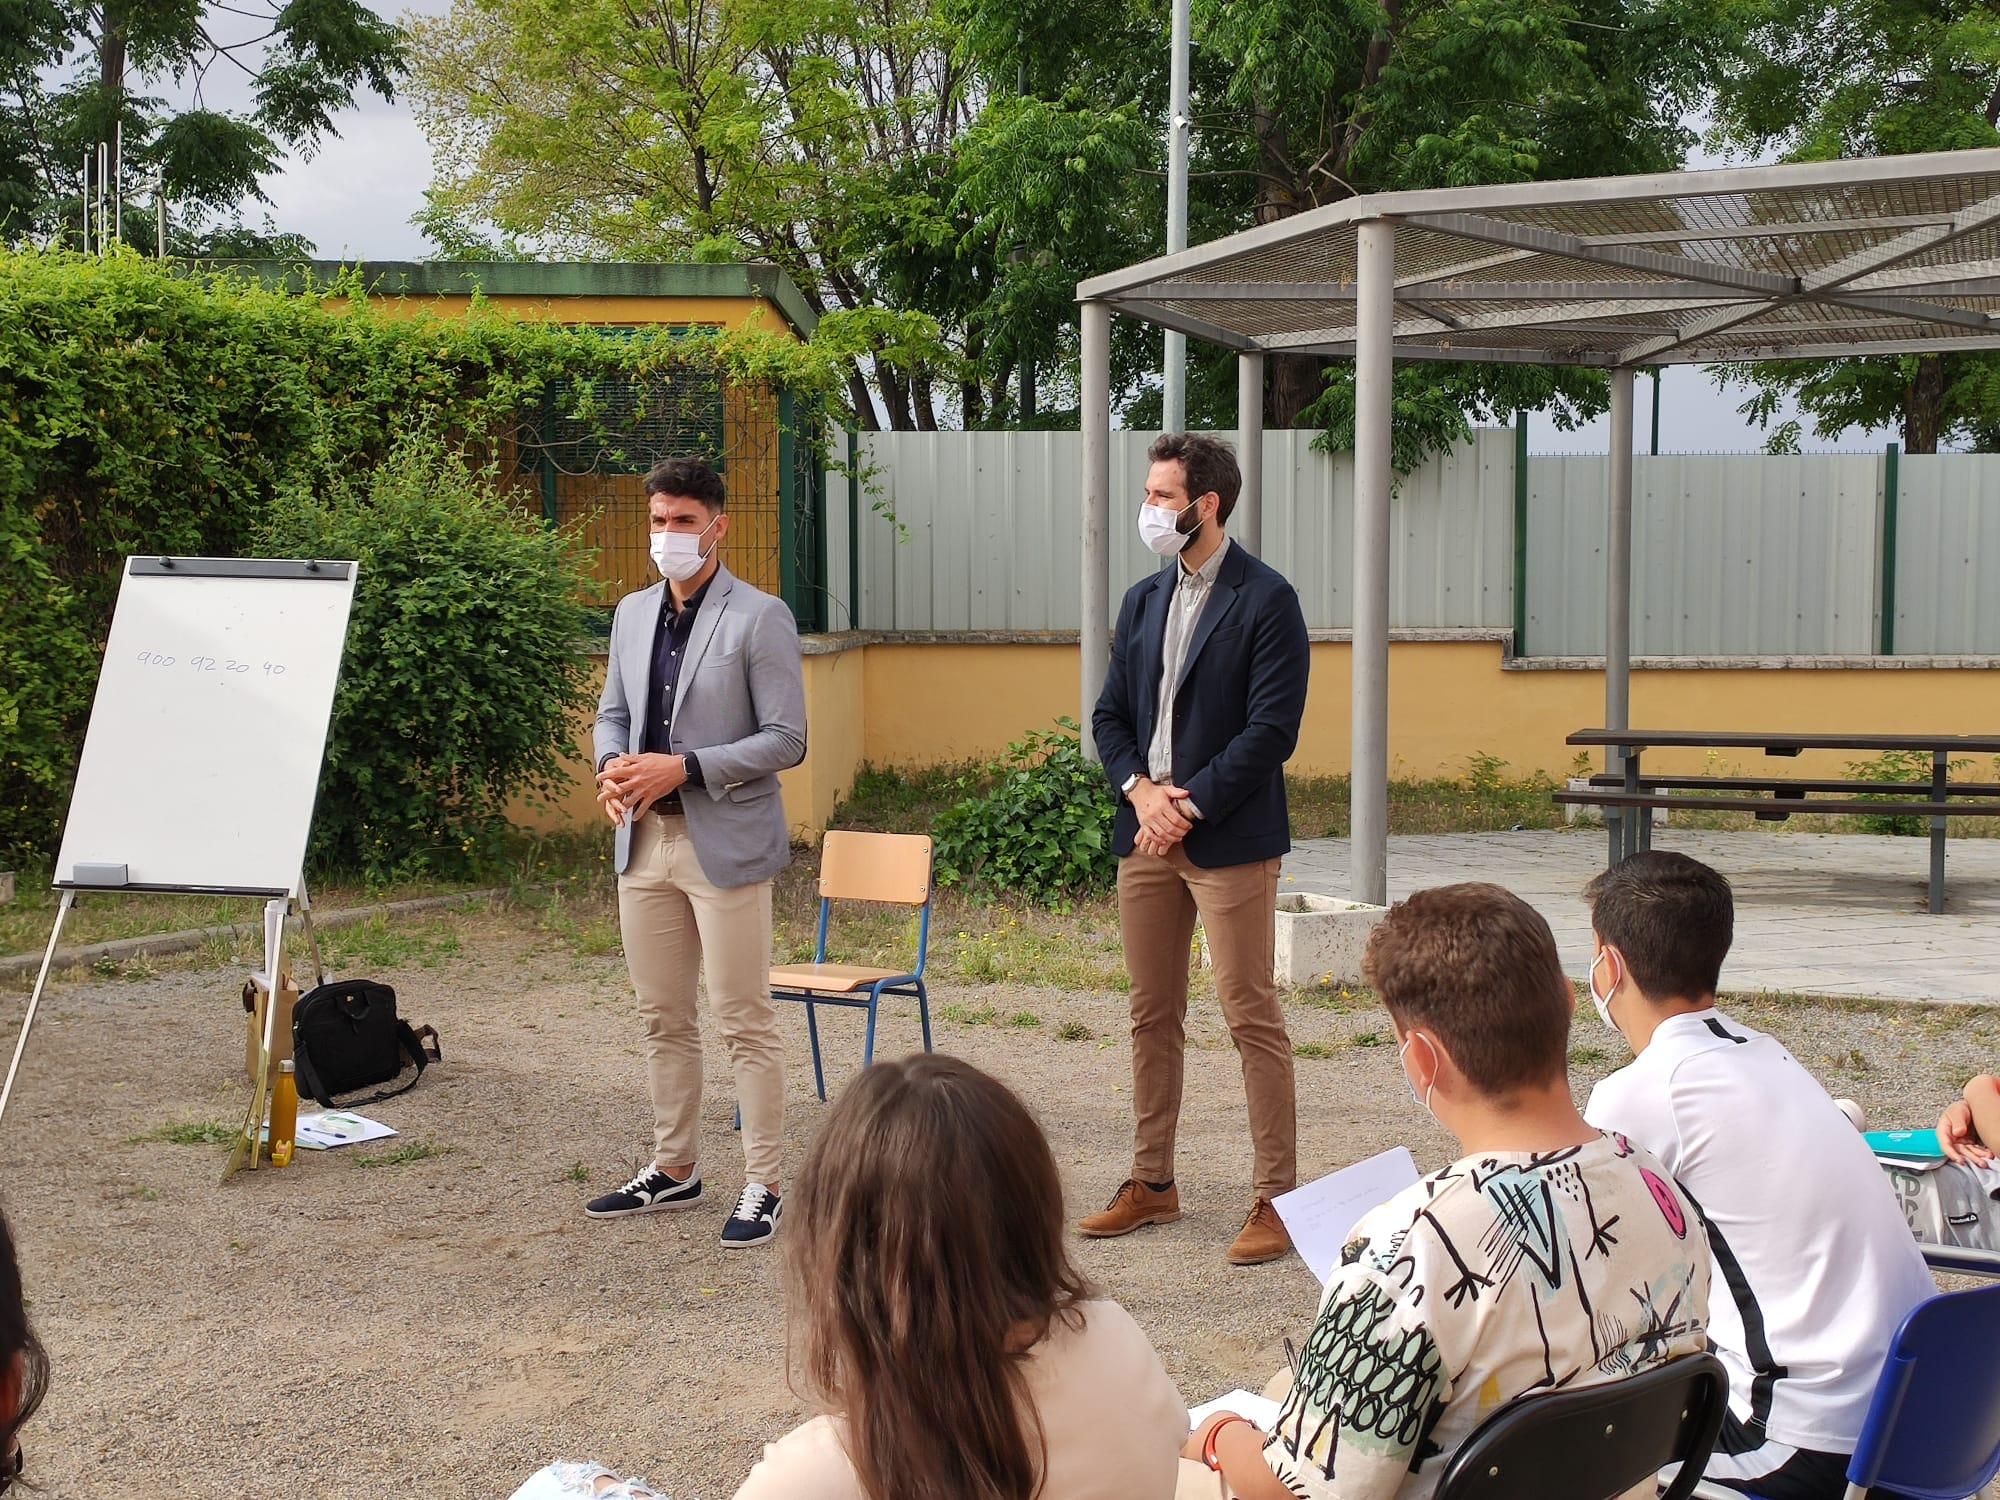 Educación y Deporte y el IAJ participan en los talleres del programa Forma Joven en el ámbito educativo